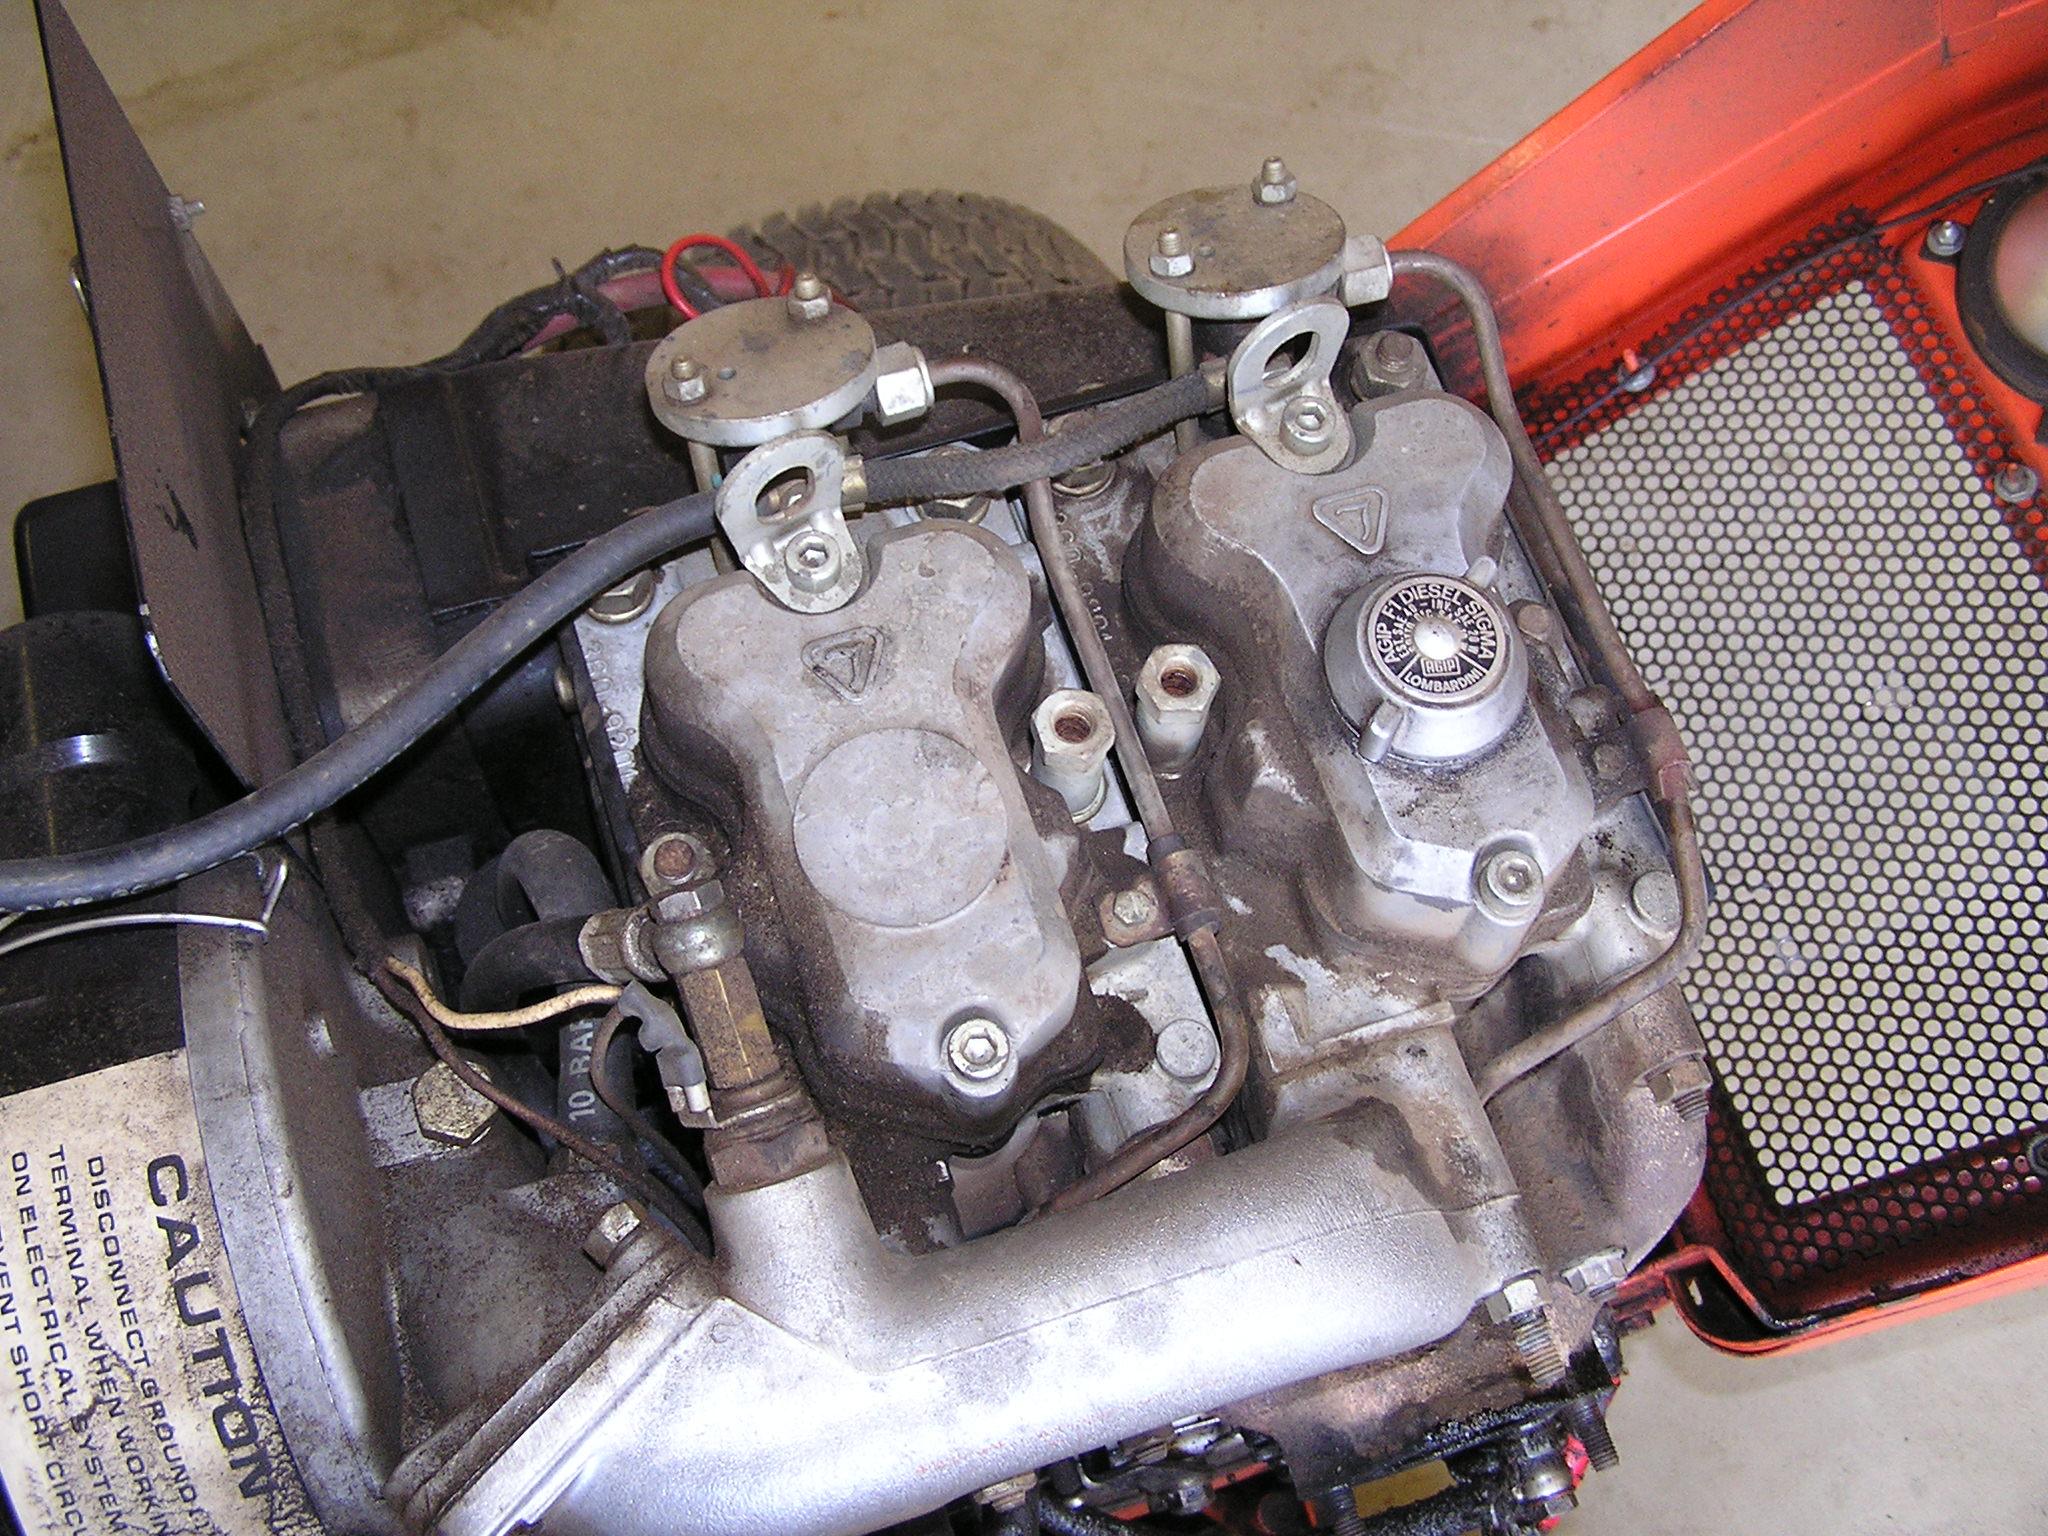 Hyundai Santro P2199 Engine Error Code